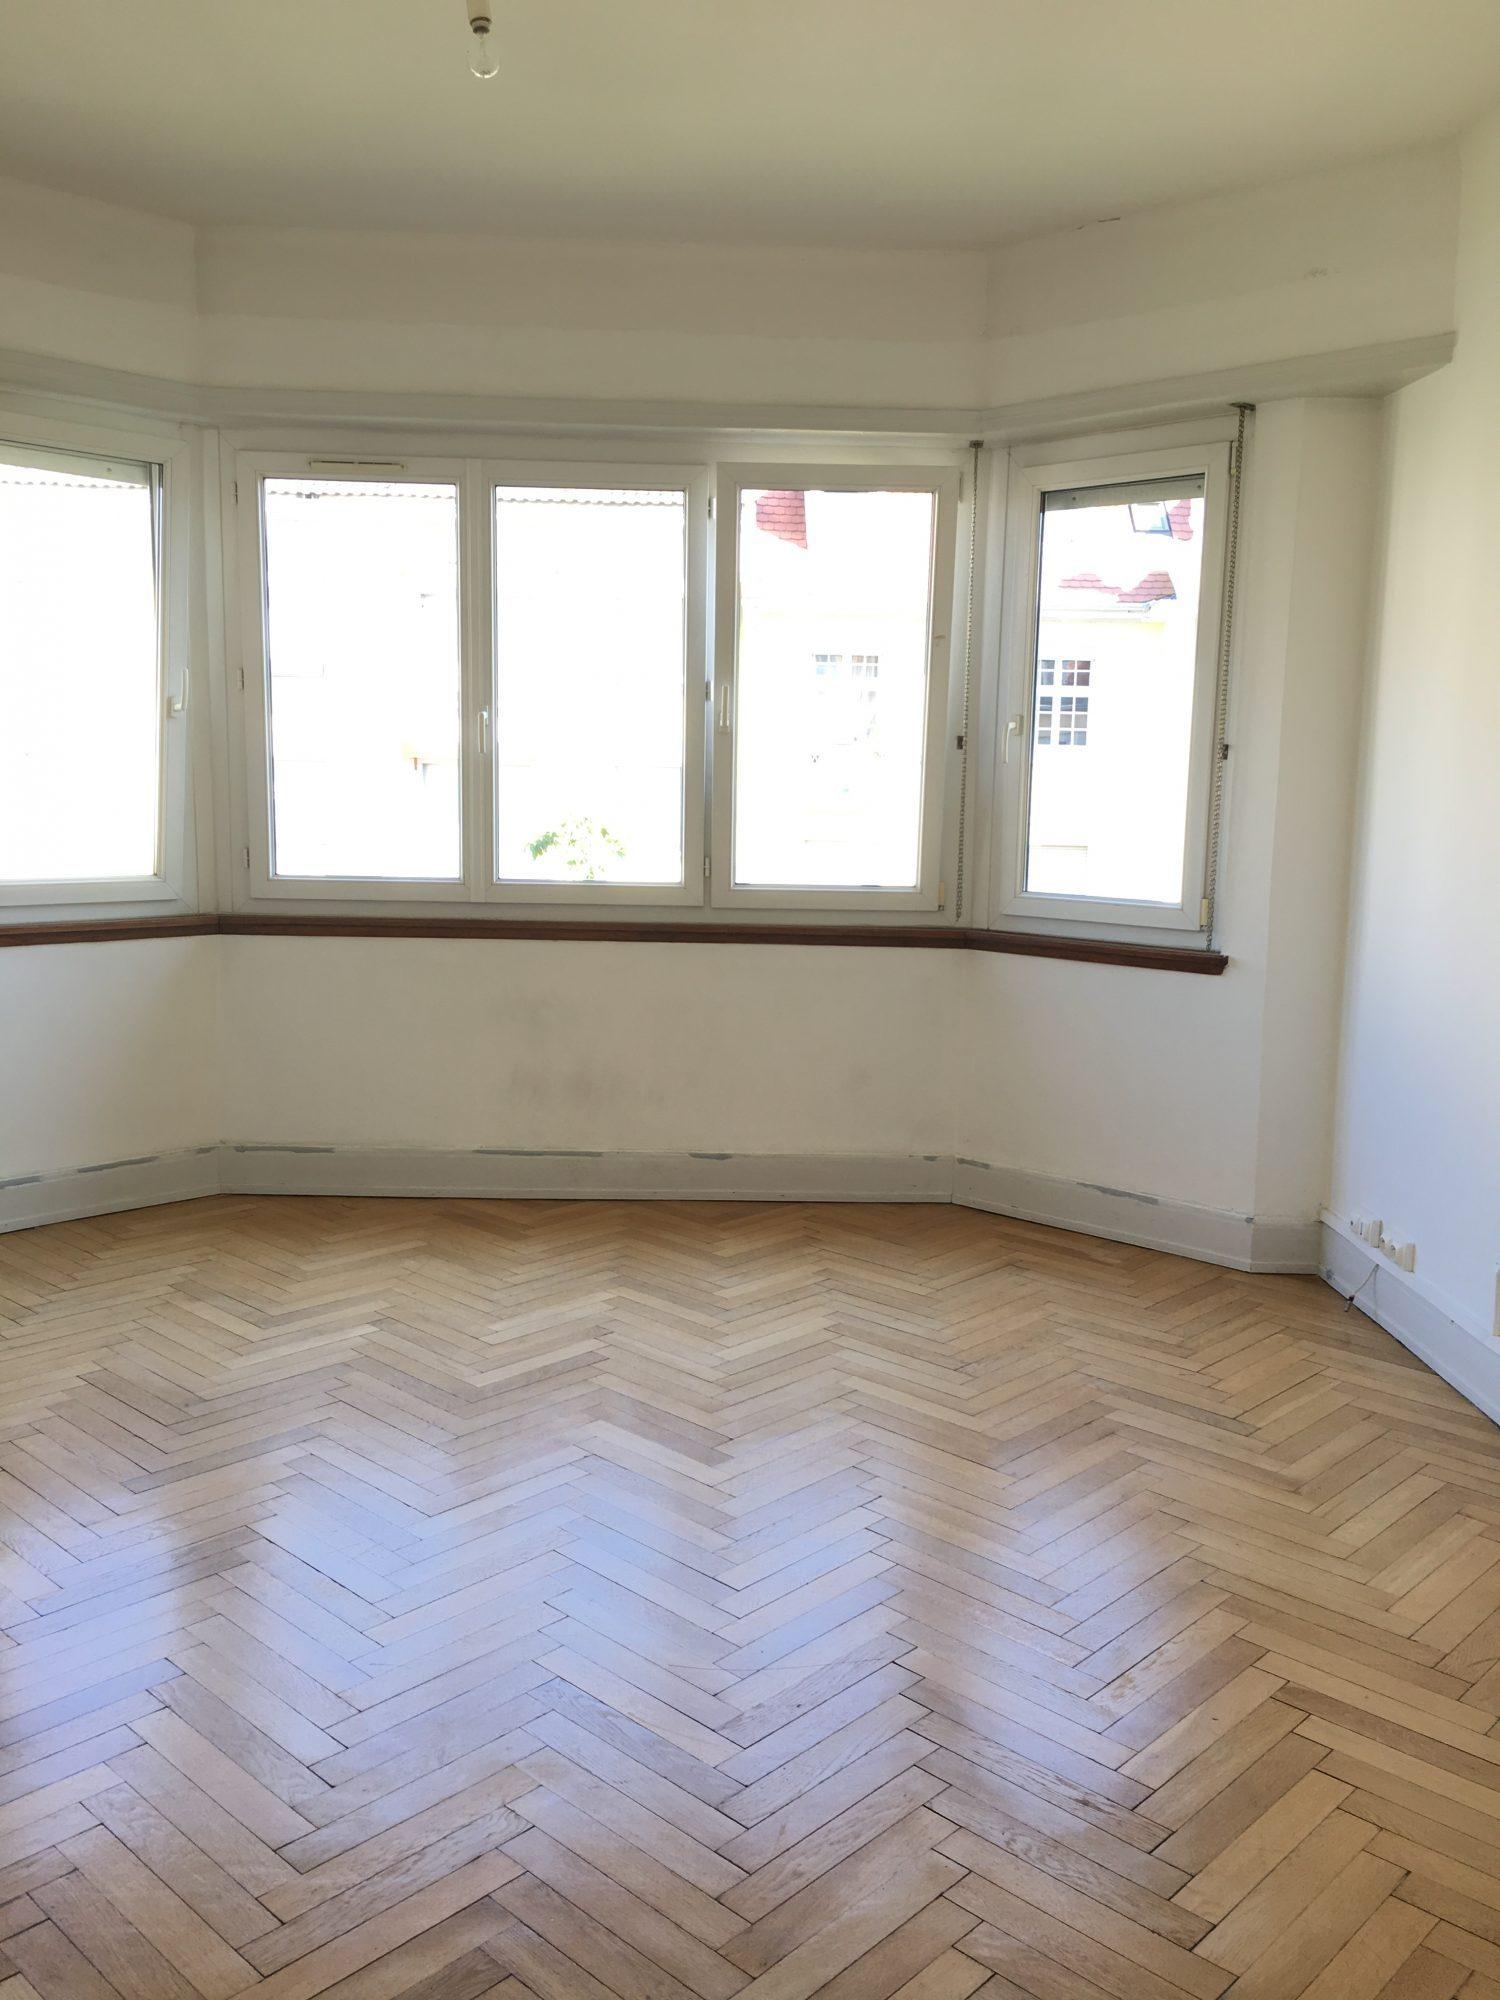 2 pièces à l'orangerie - Devenez locataire en toute sérénité - Bintz Immobilier - 5